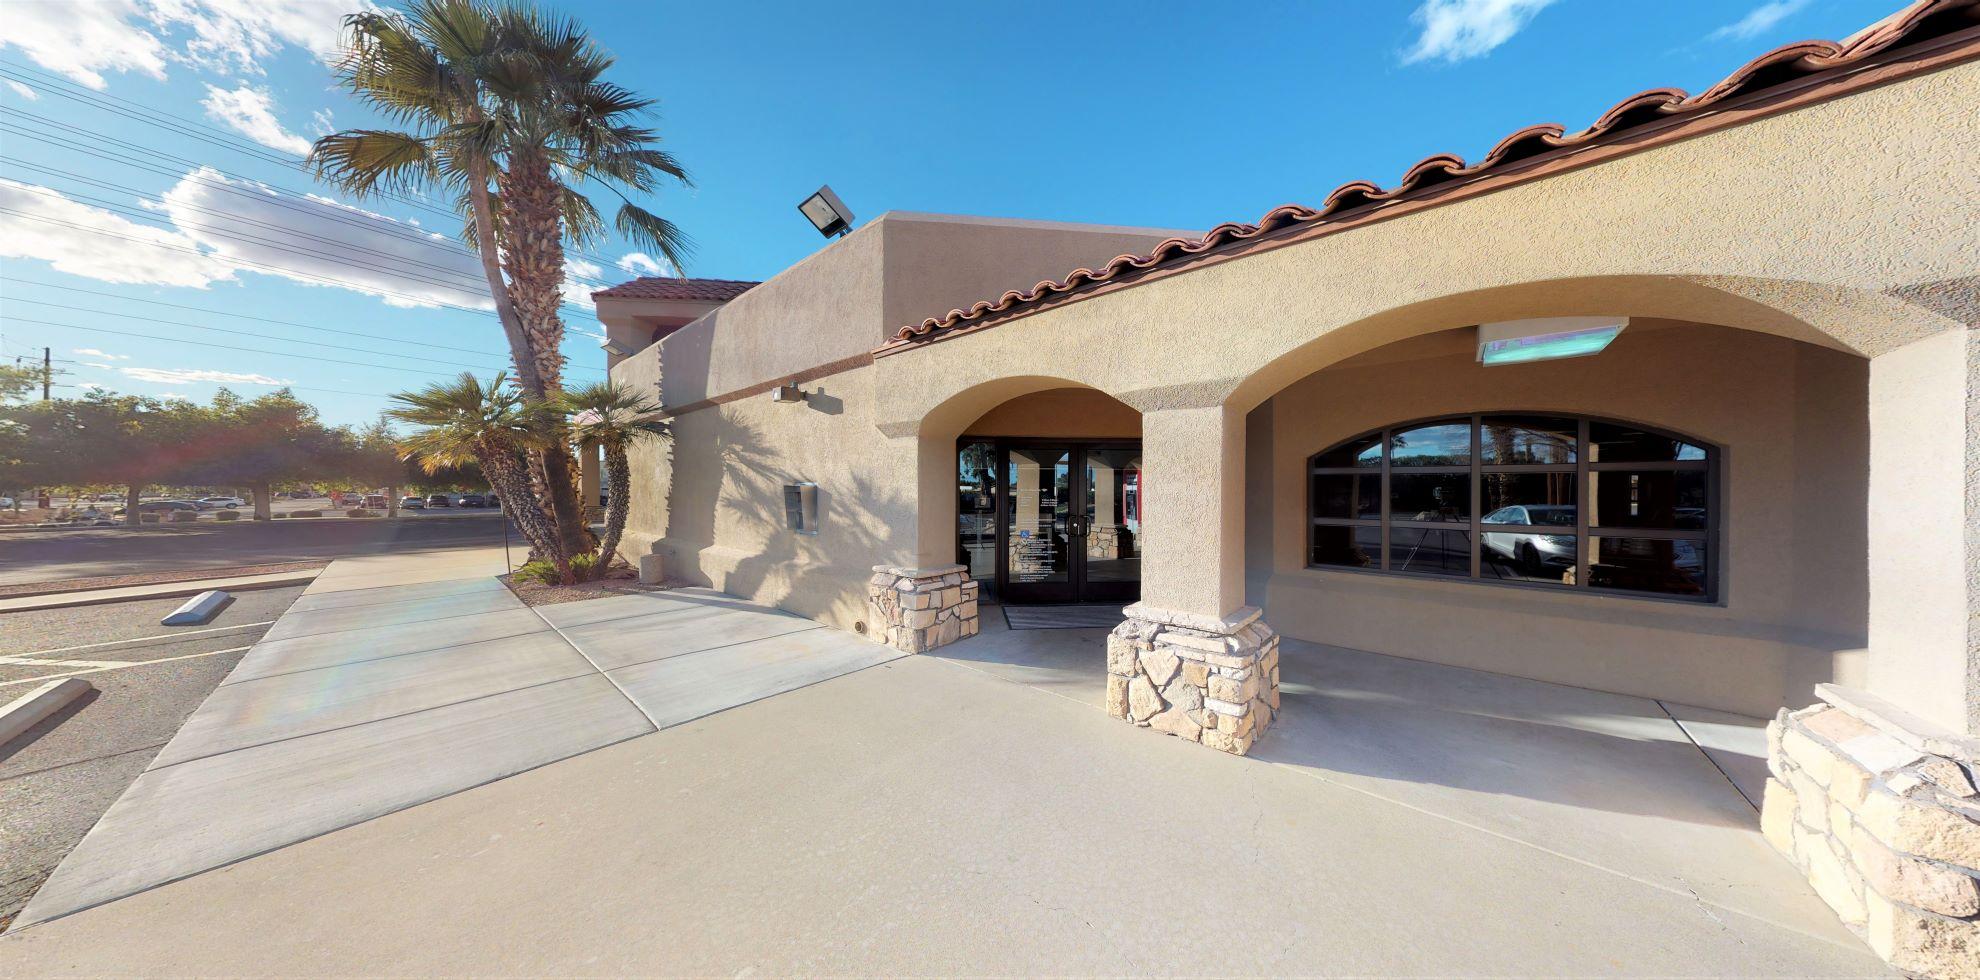 Bank of America financial center with drive-thru ATM | 9602 E Riggs Rd, Sun Lakes, AZ 85248